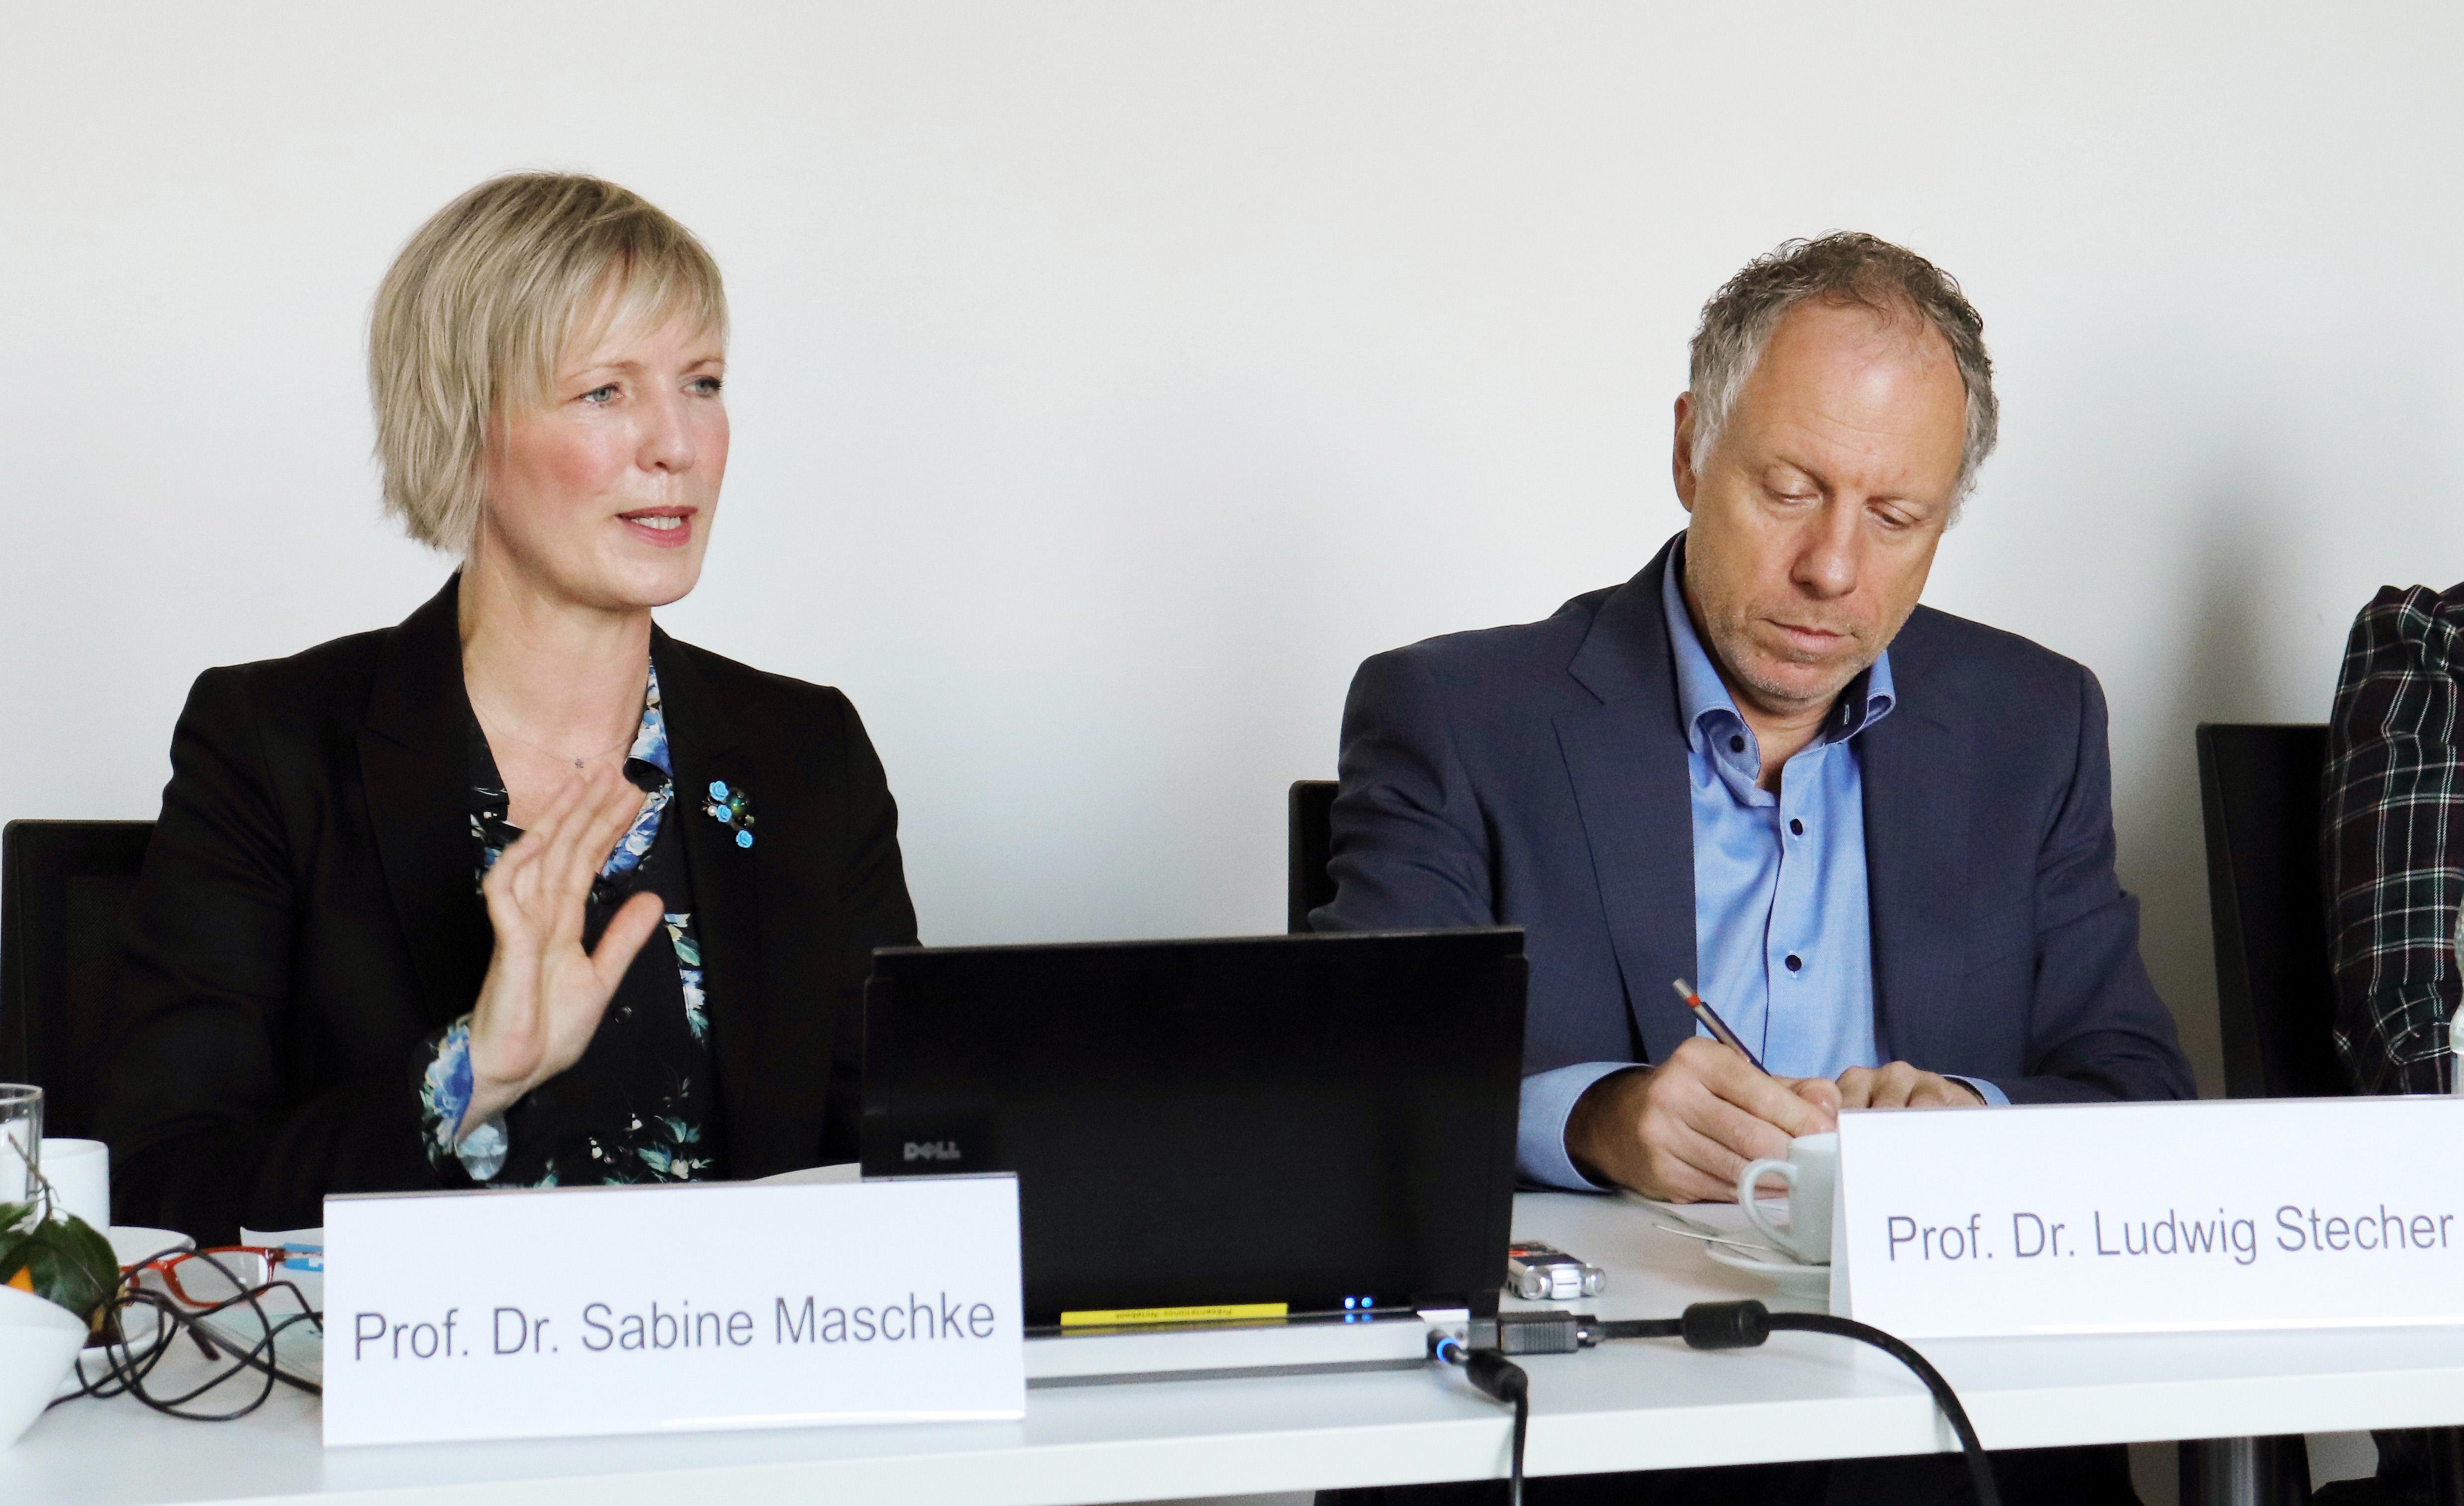 Prof. Dr. Sabine Maschke, Prof. Dr. Ludwig Stecher